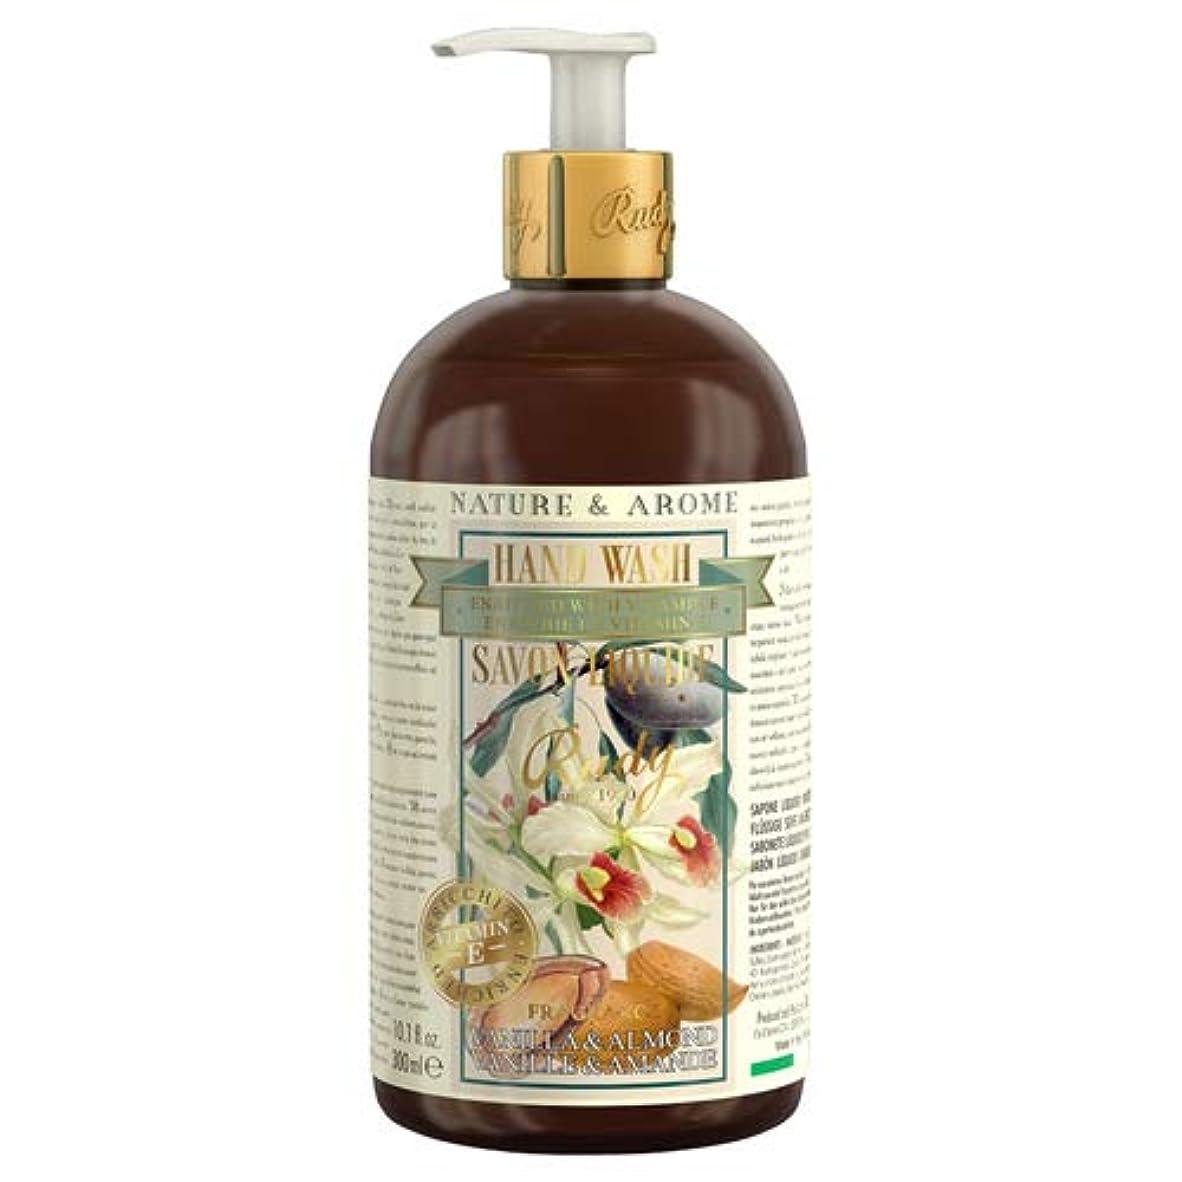 賛美歌花婿列車RUDY Nature&Arome Apothecary ネイチャーアロマ アポセカリー Hand Wash ハンドウォッシュ(ボディソープ) Vanilla & Almond バニラ&アーモンド